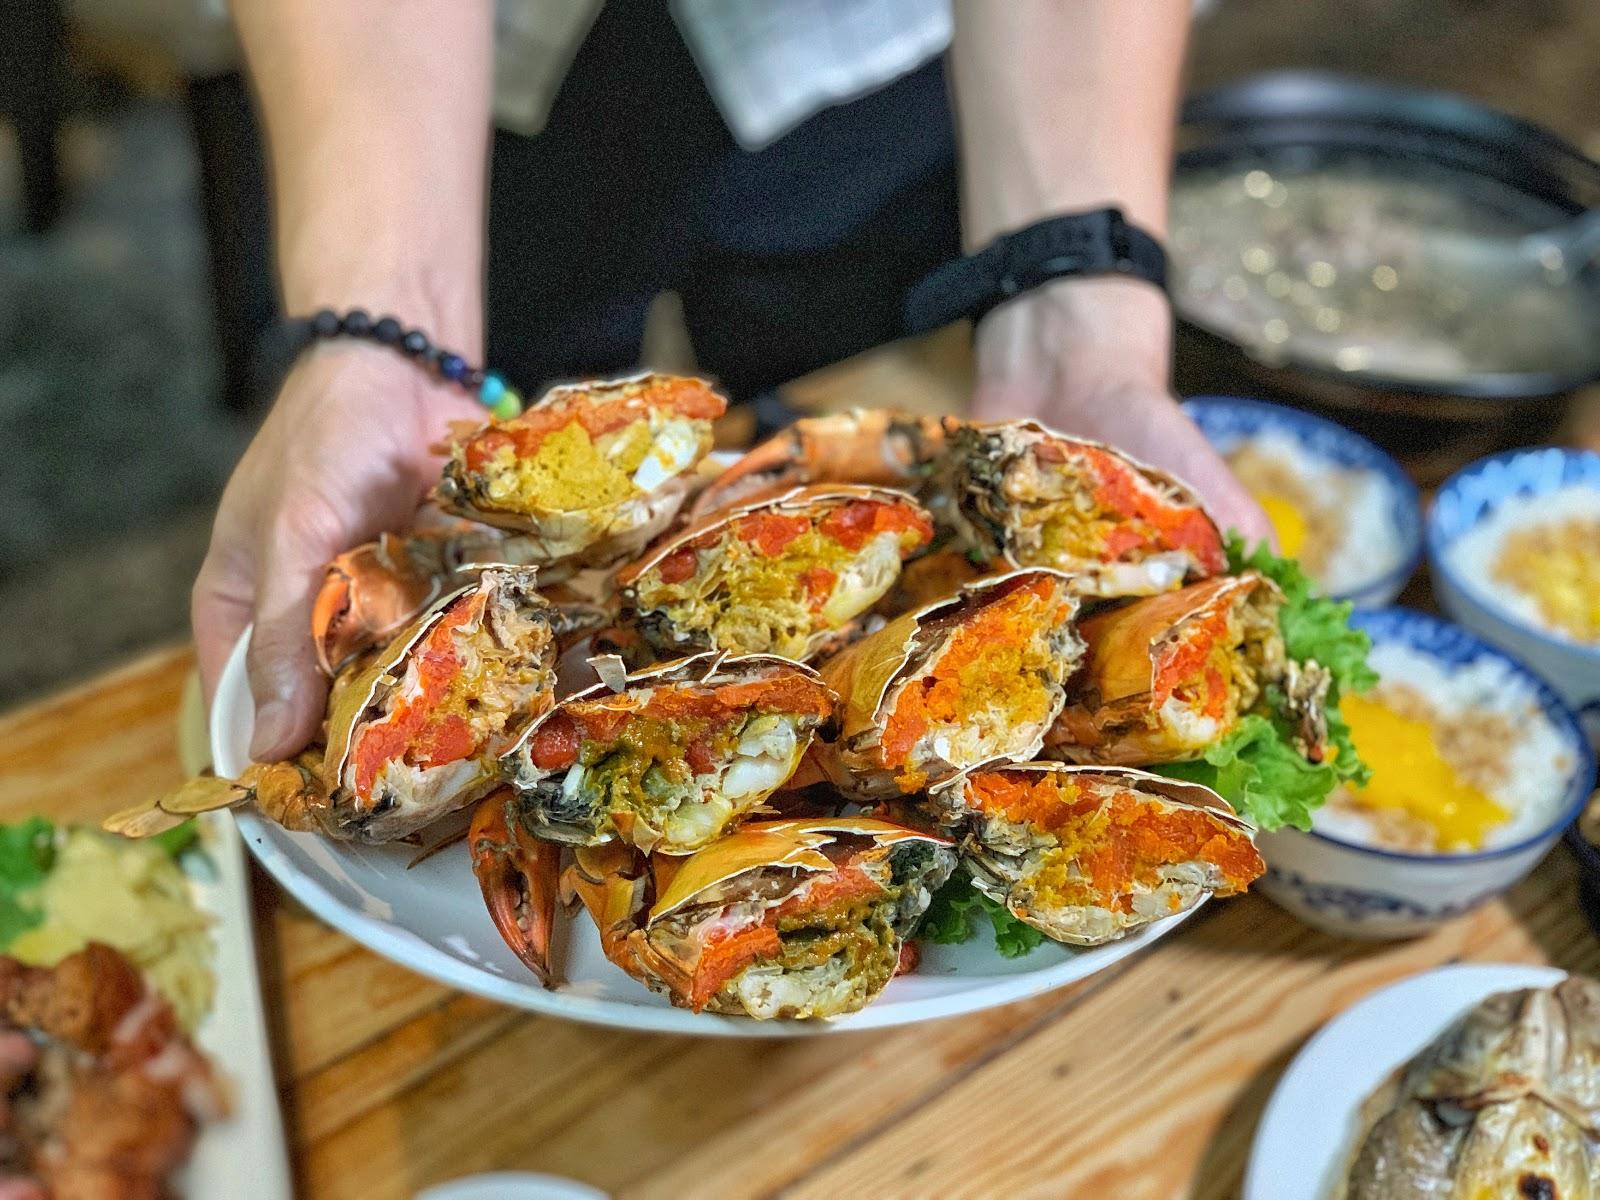 台南東區美食【府城騷烤家】炭烤紅蟳螃蟹